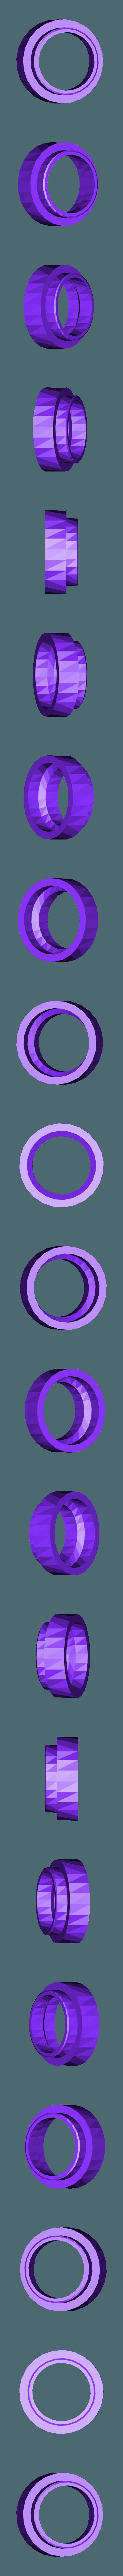 cylindre.stl Télécharger fichier STL gratuit Tour rapunzel / château - compatible duplo • Plan imprimable en 3D, serial_print3r